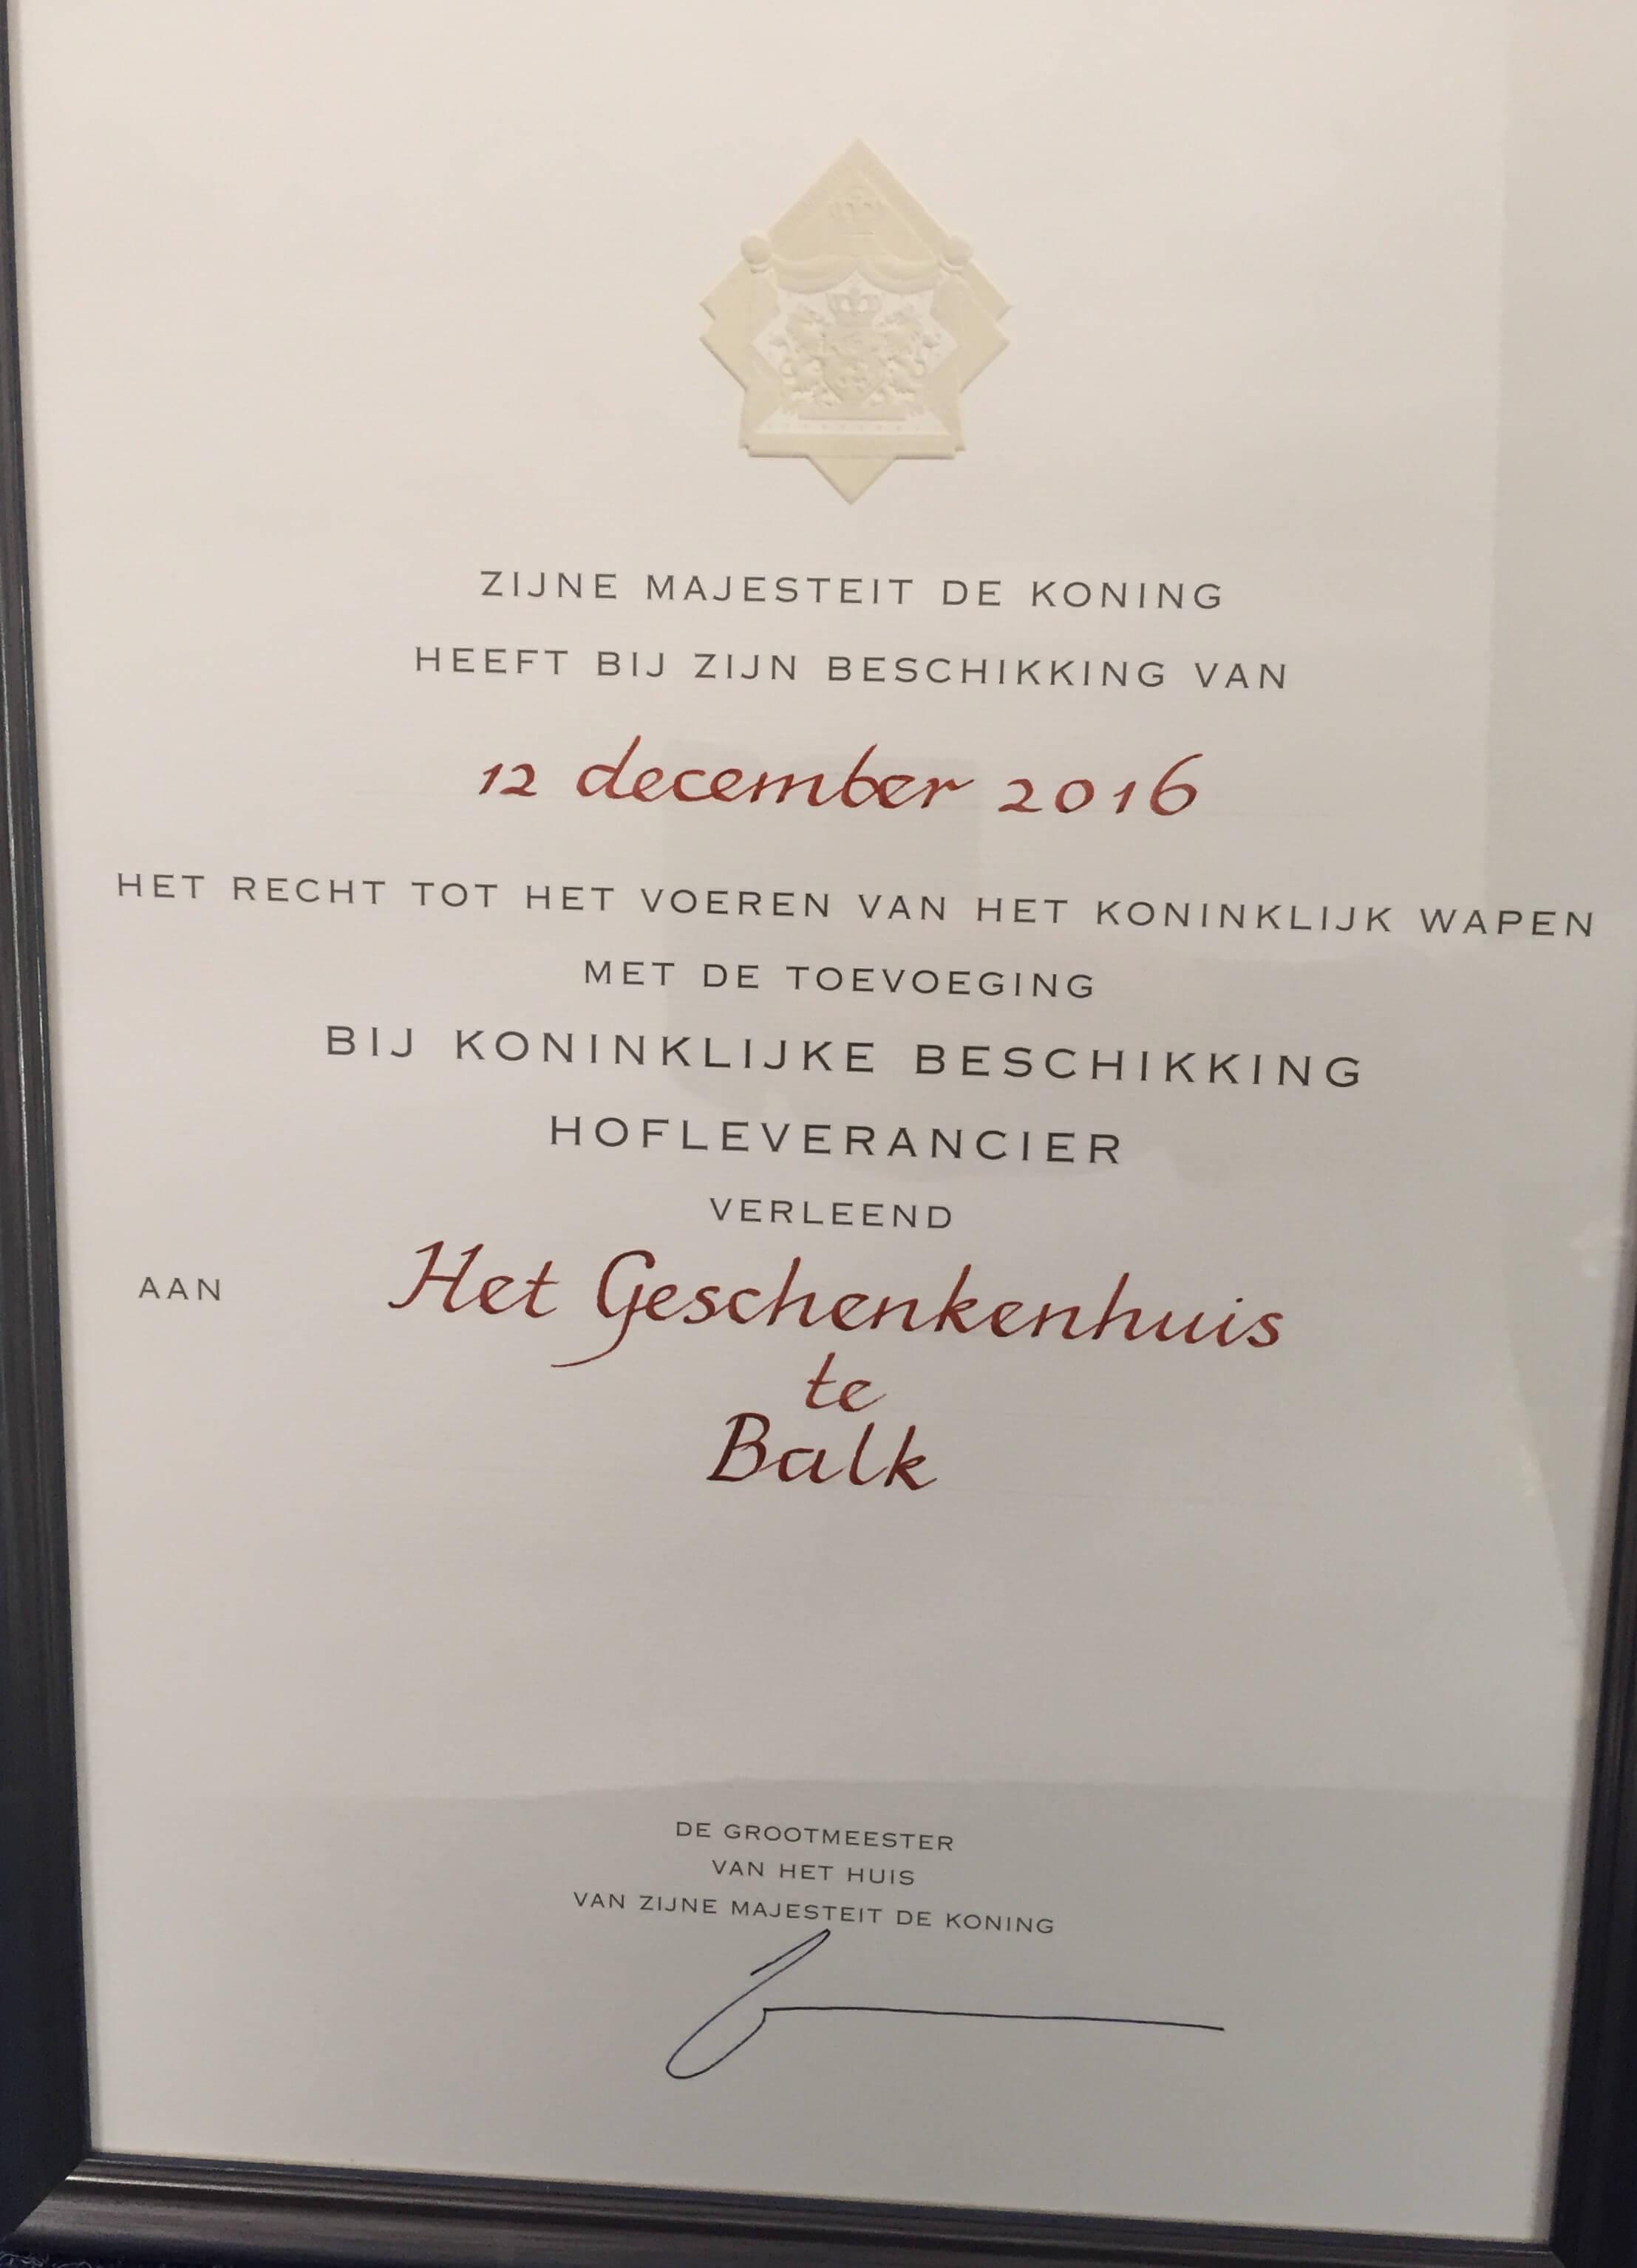 Het Geschenkenhuis in Balk is Hofleverancier (3)